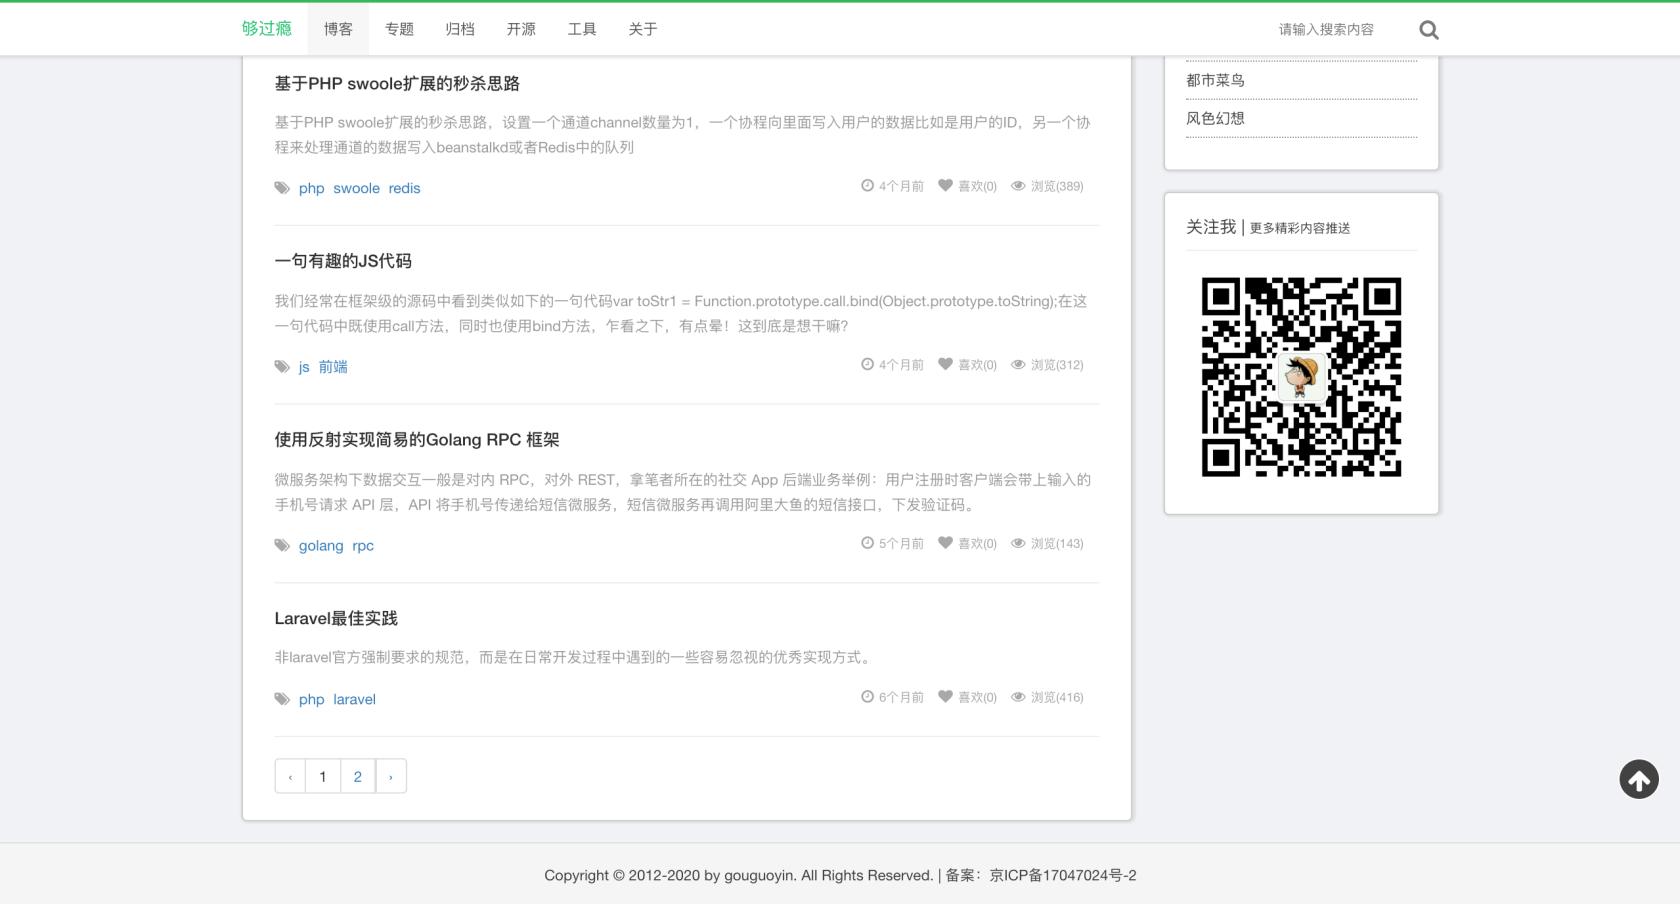 够过瘾技术博客(gouguoyin.cn)大改版,基于laravel8重构